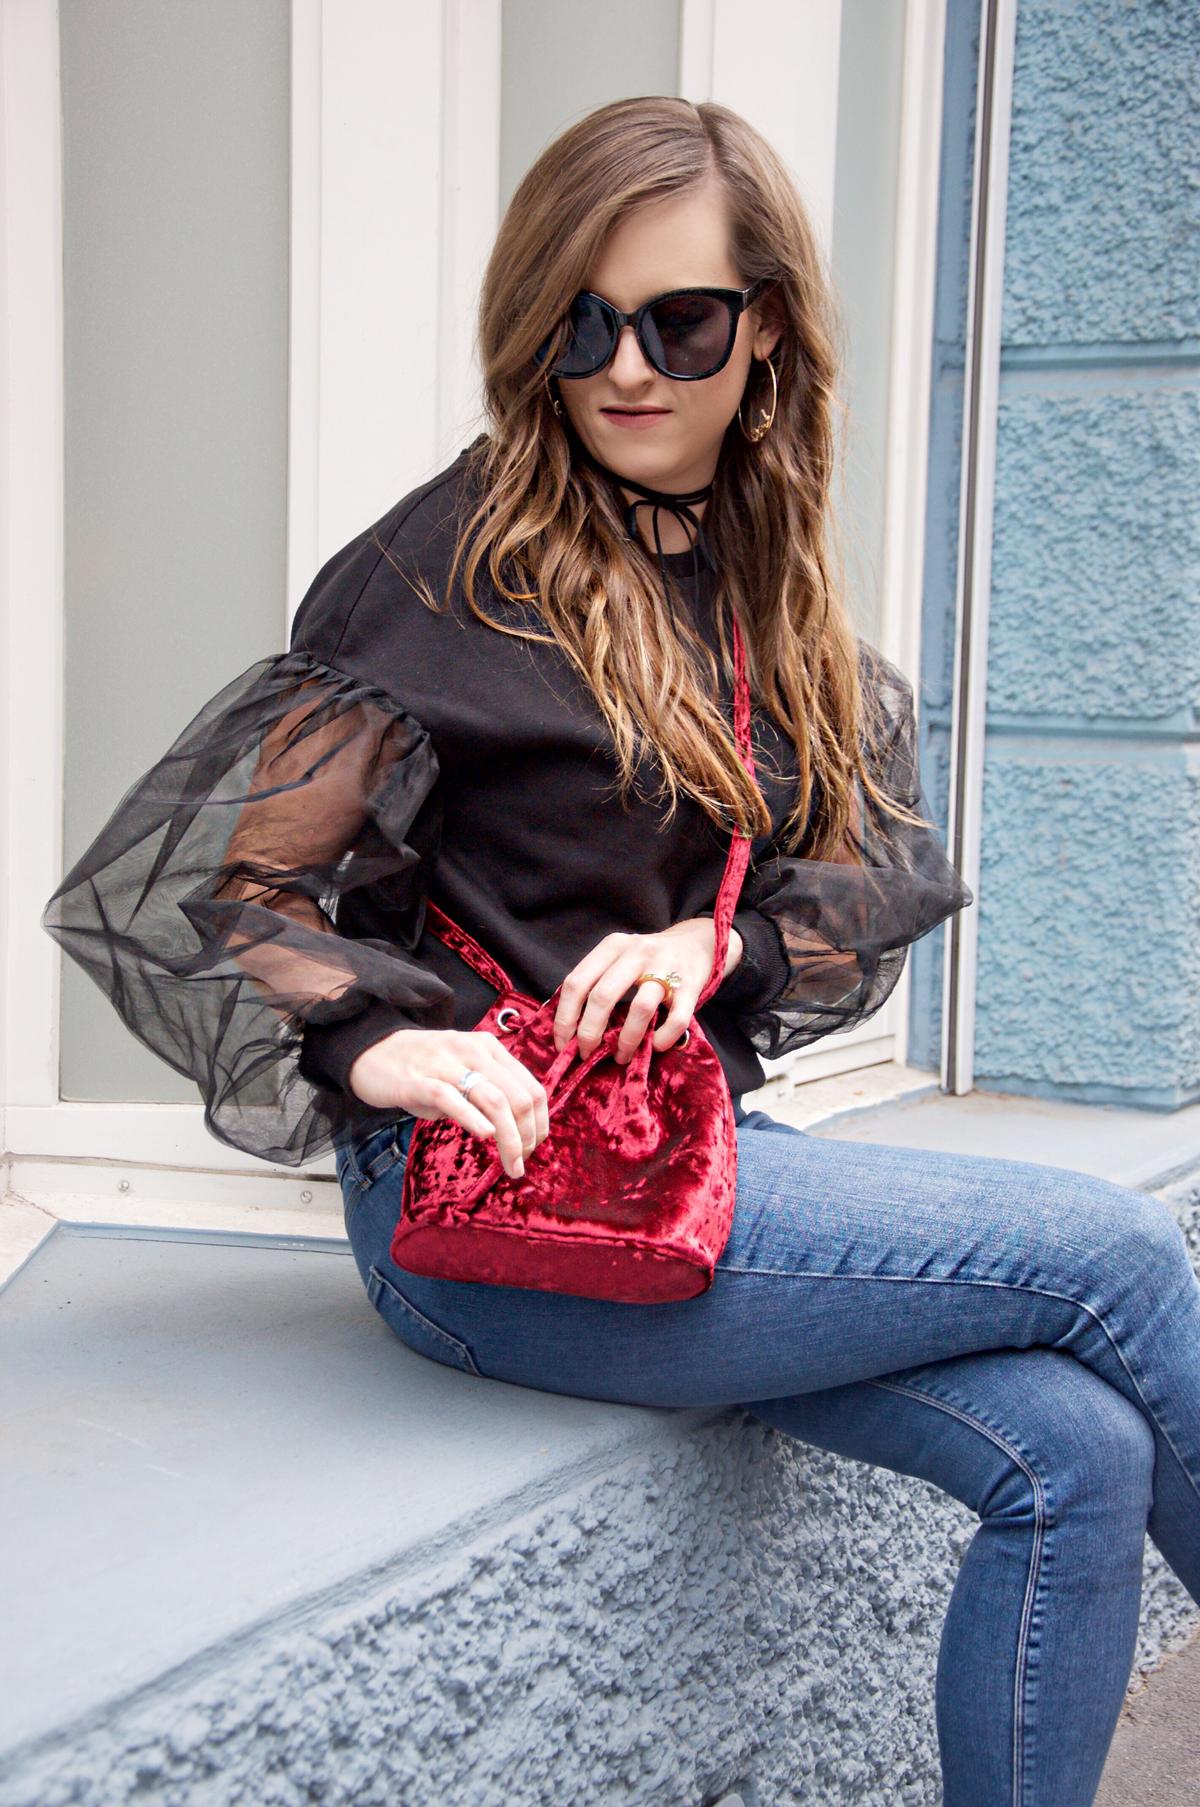 Andrea Steiner vom Mode blog Strawberries und Champagne aus der Schweiz gibt ein paar Styling Tips für das beste und bequemste Weihnachtsoutfit.